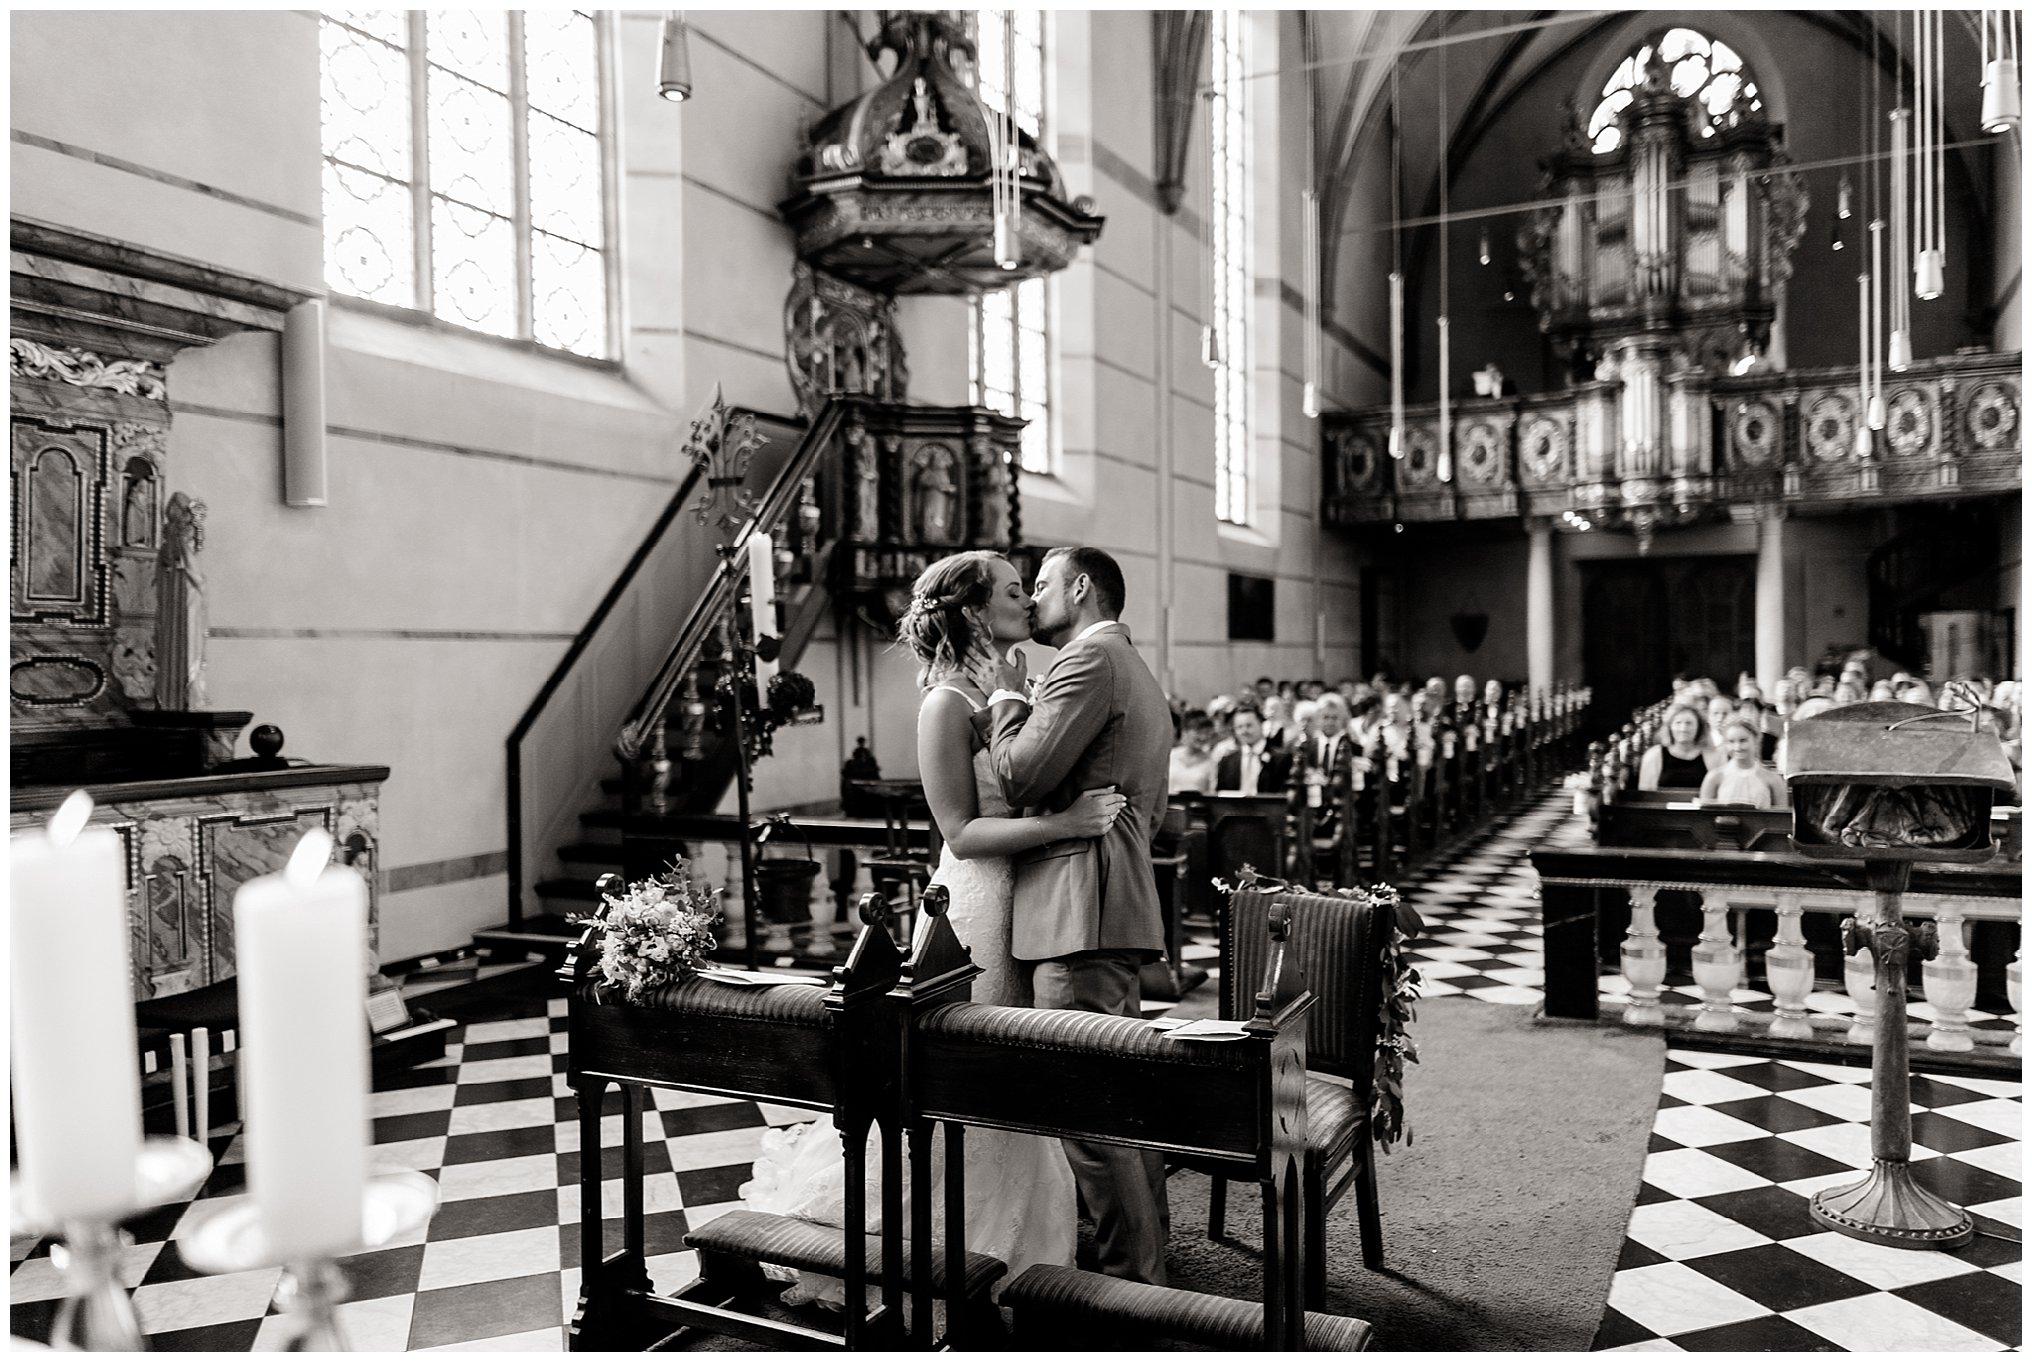 kuss in Kirche Golfhotel Vesper Hochzeit Sprockhövel Hochzeitsfotograf Jane Weber boho chic vintage fine art